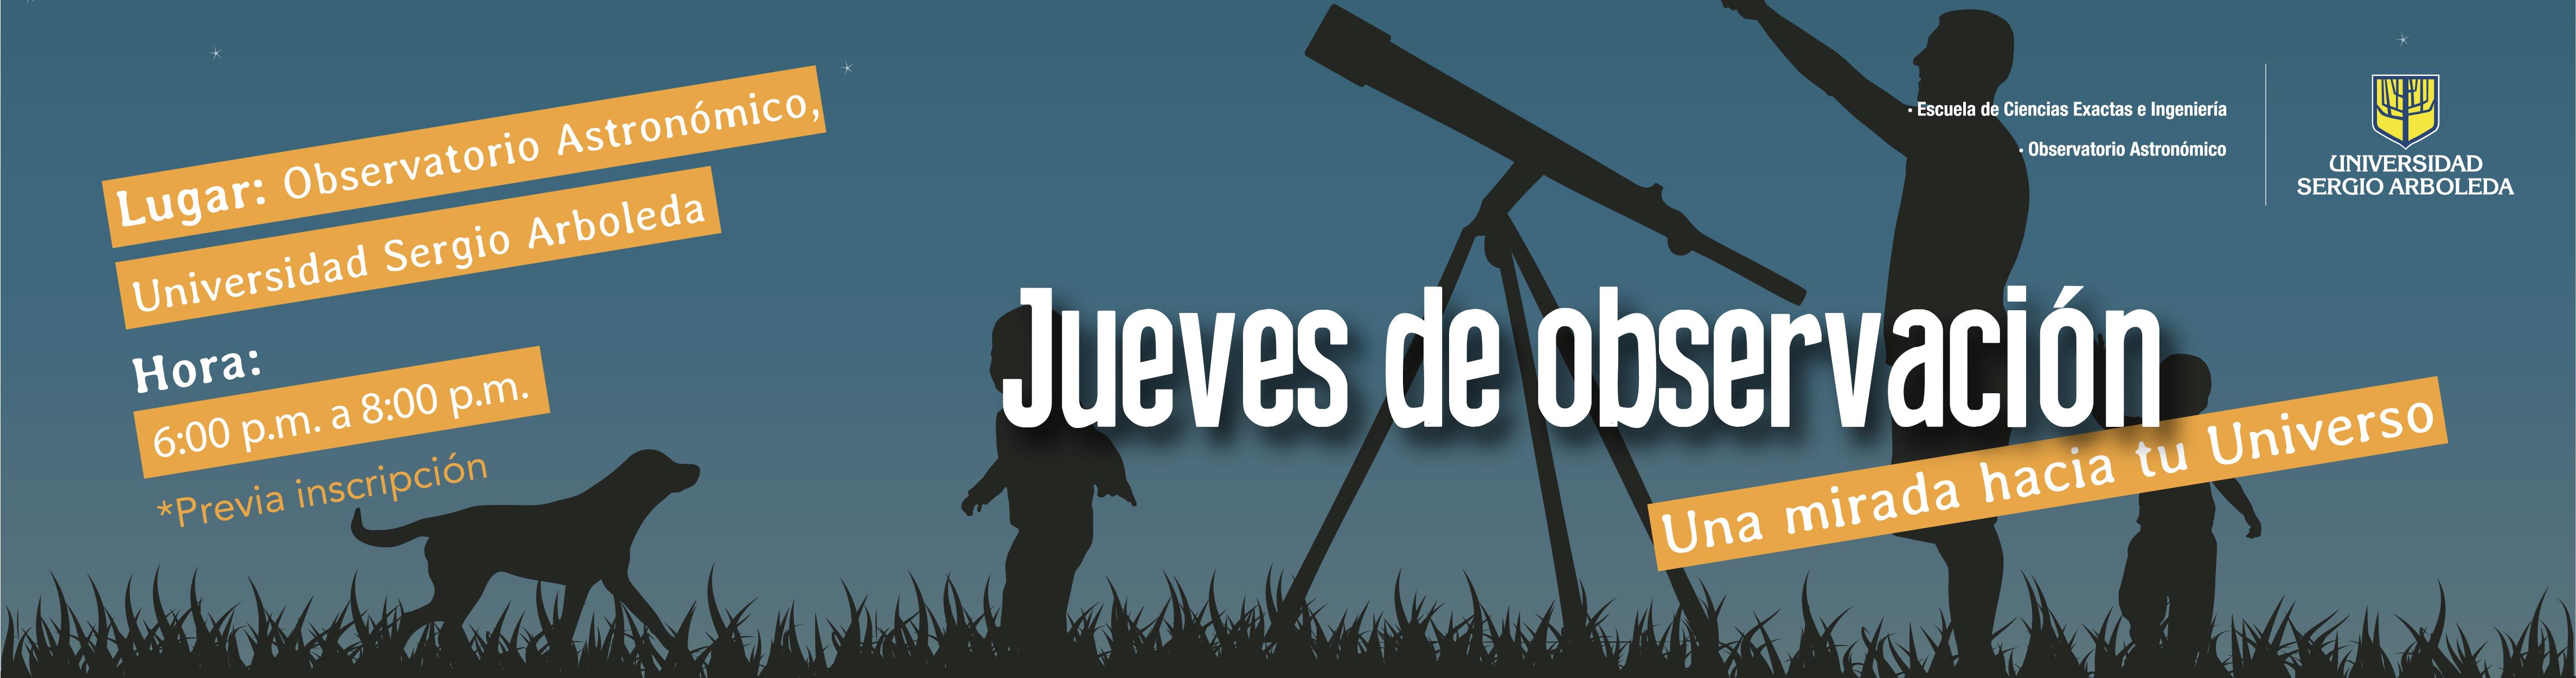 Jueves_de_observacio_n-01